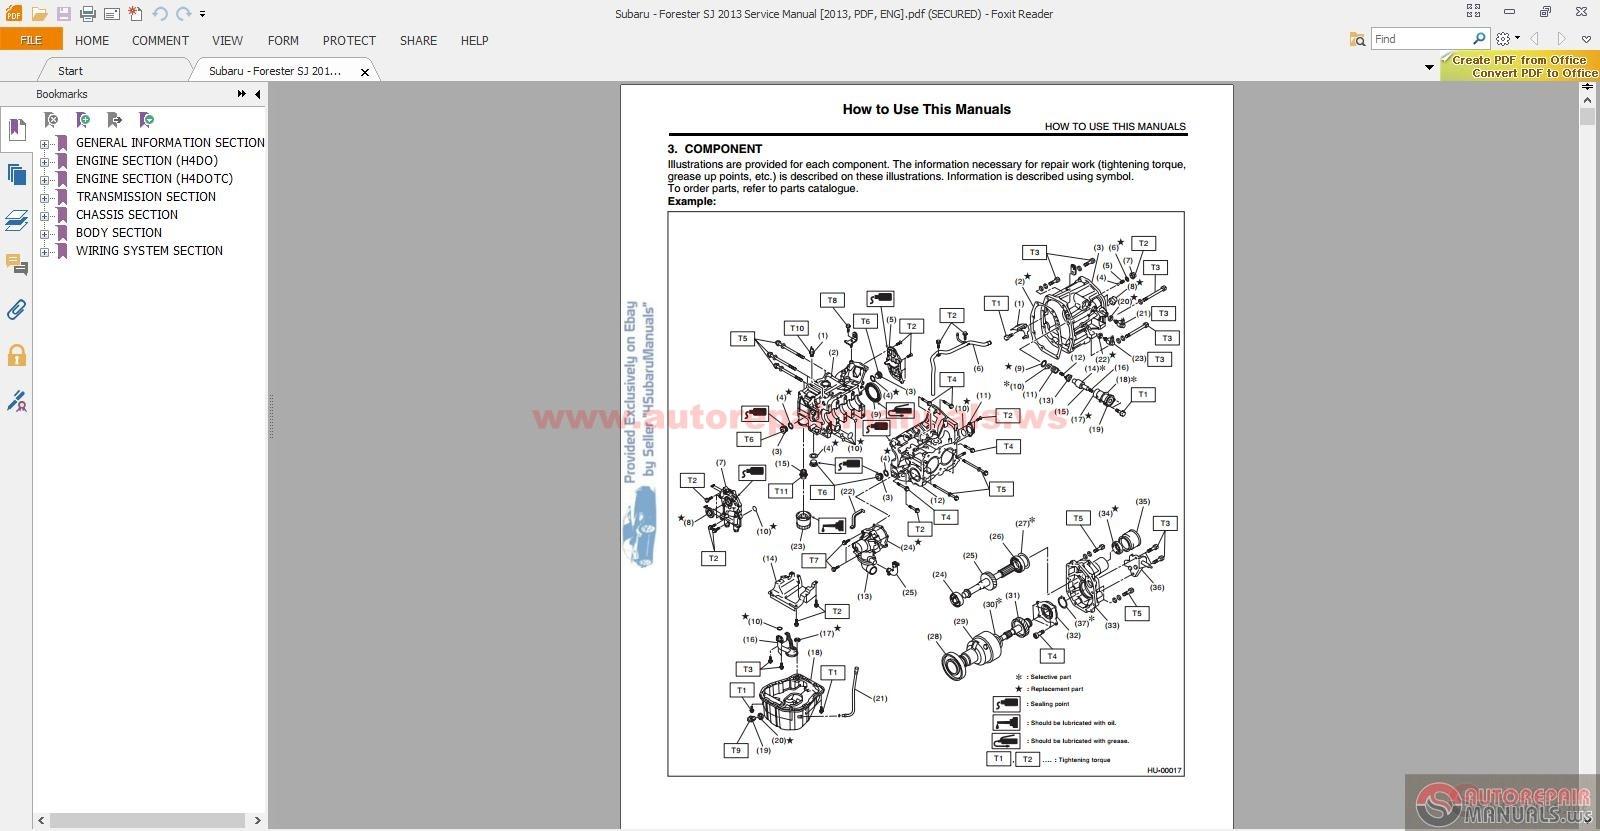 2006 Subaru Outback Service Manual Pdf